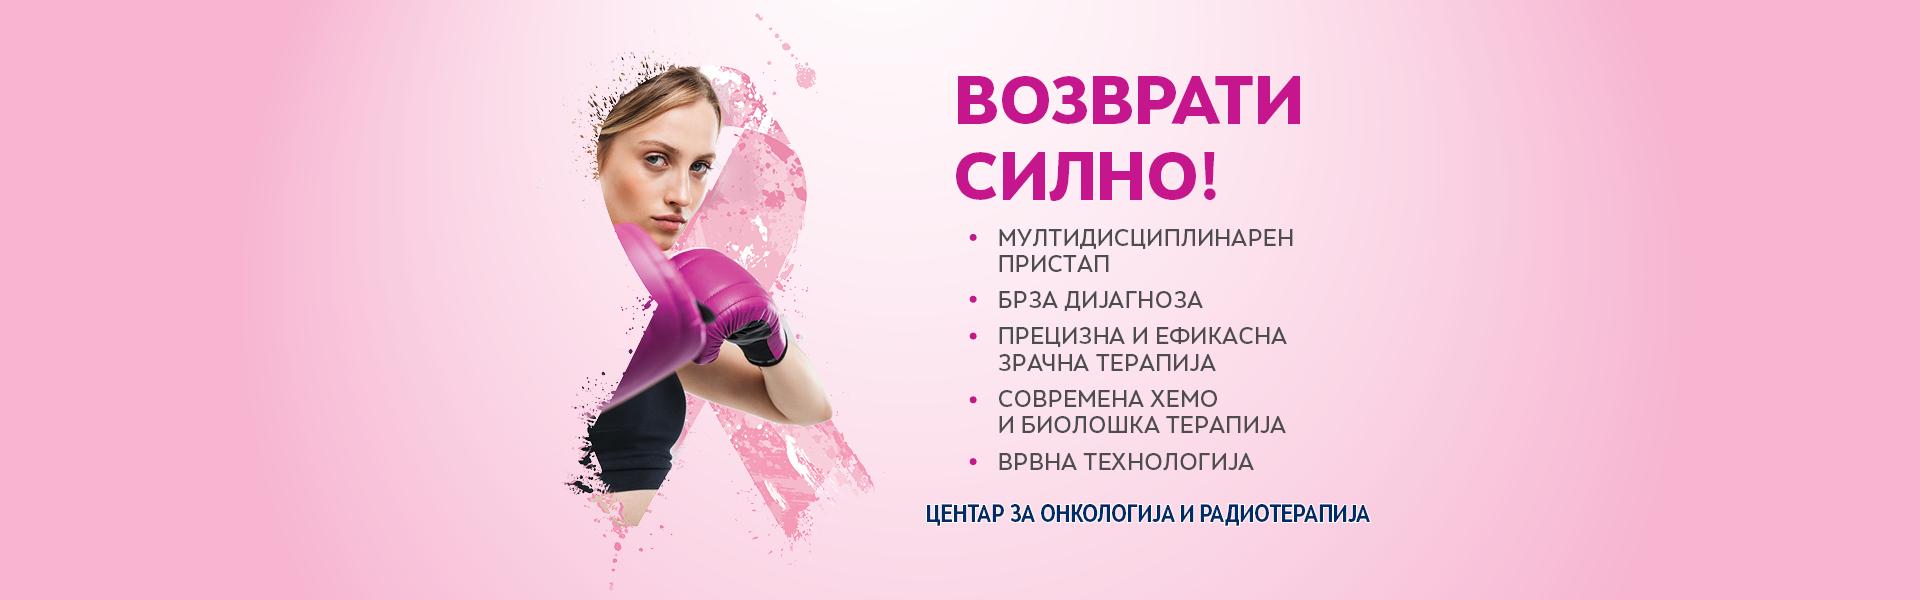 Onkologija-2019-mk